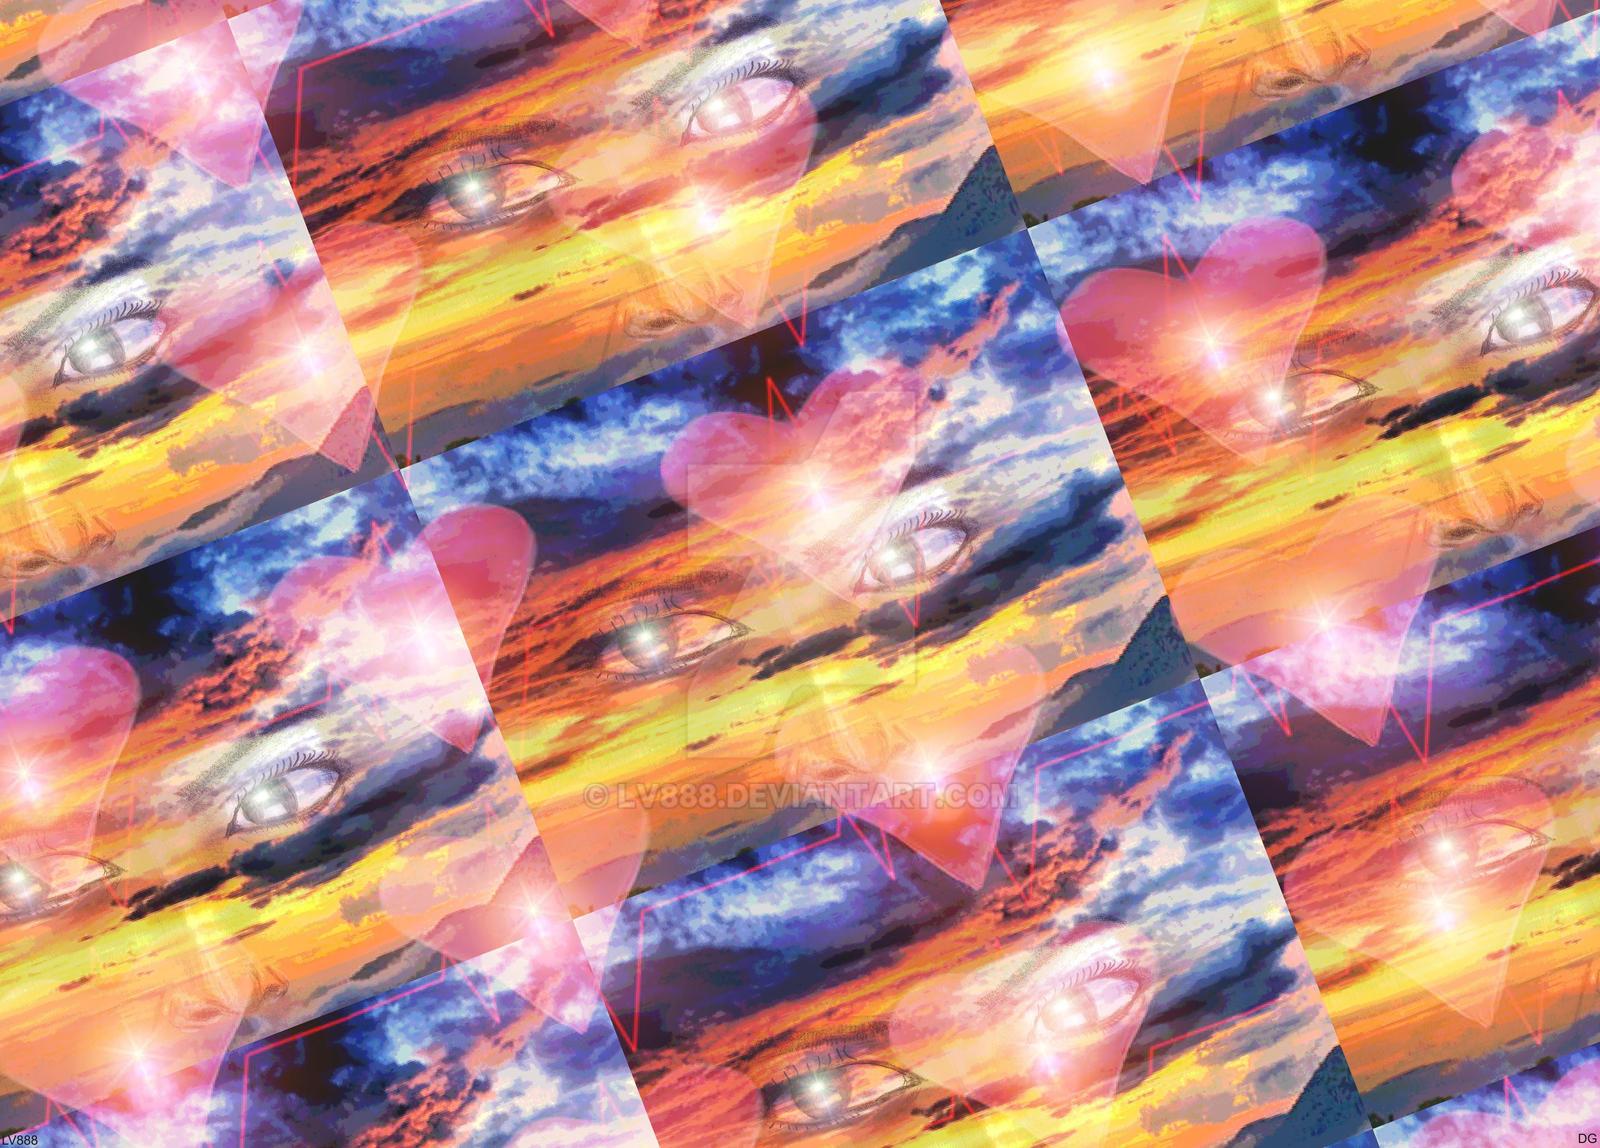 Prends moi dans tes yeux v881 by lv888 on deviantart for Dans tes yeux